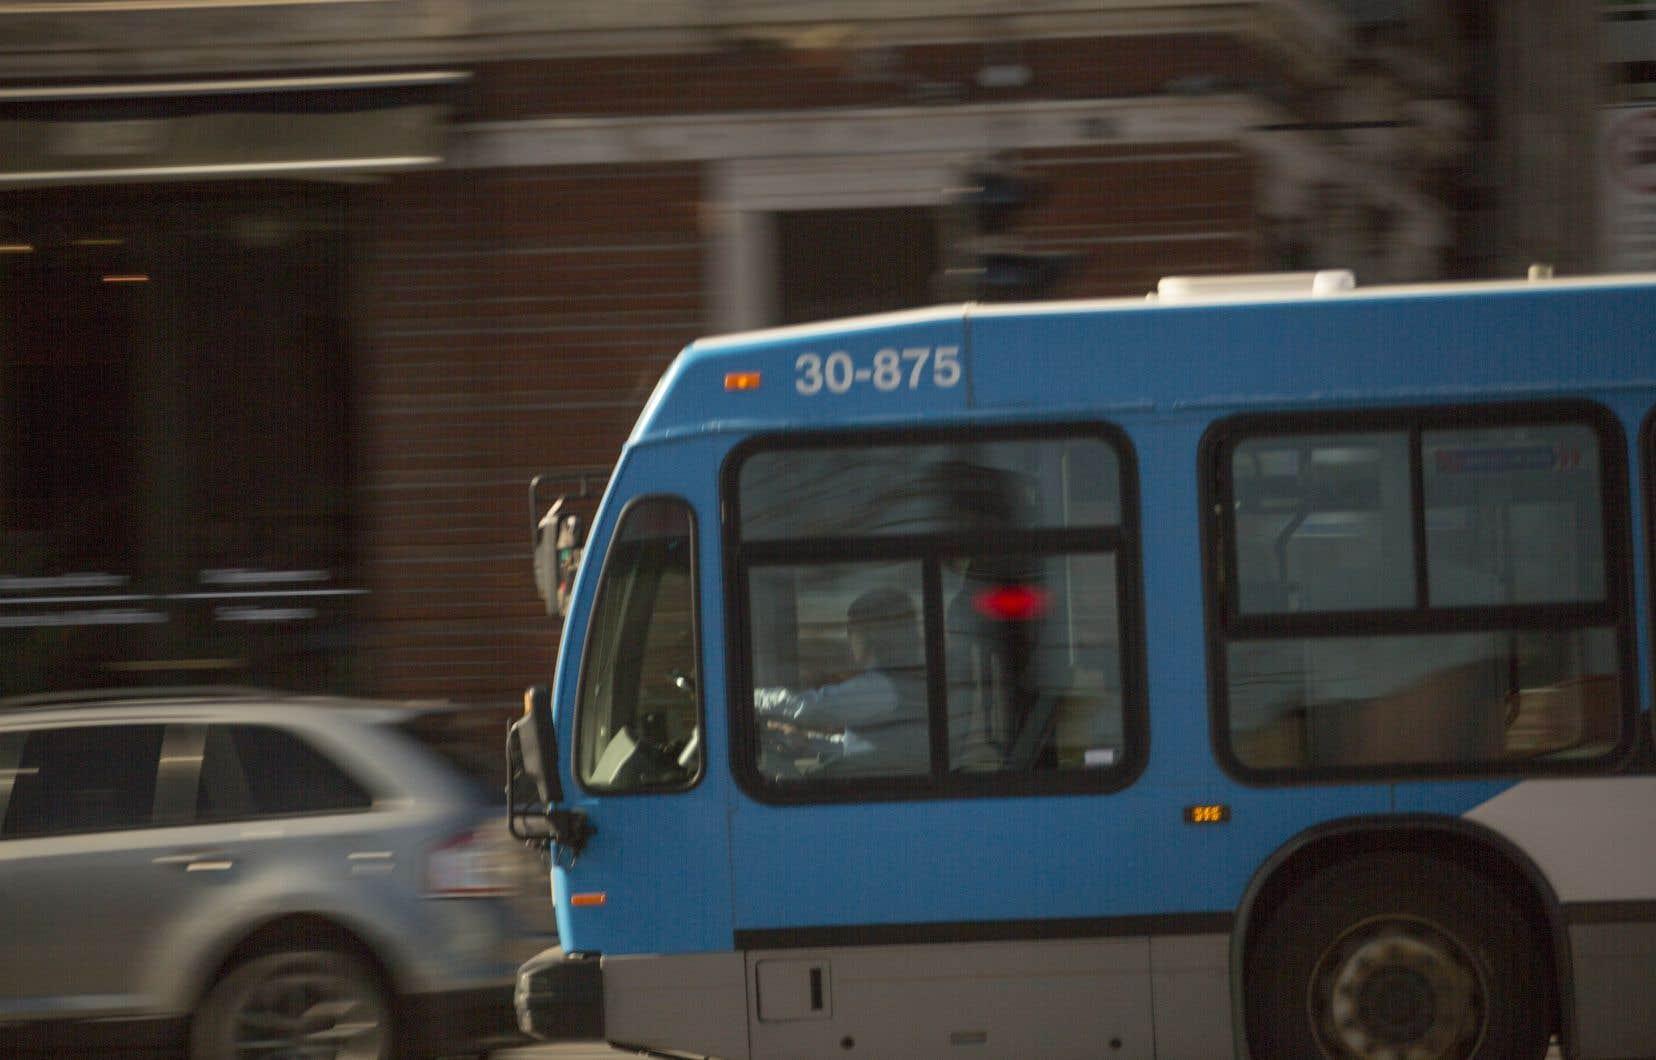 Retards à répétition, faible fréquence et pauvreté du service: la liste des critiques envers les autobus est longue, particulièrement à Montréal.